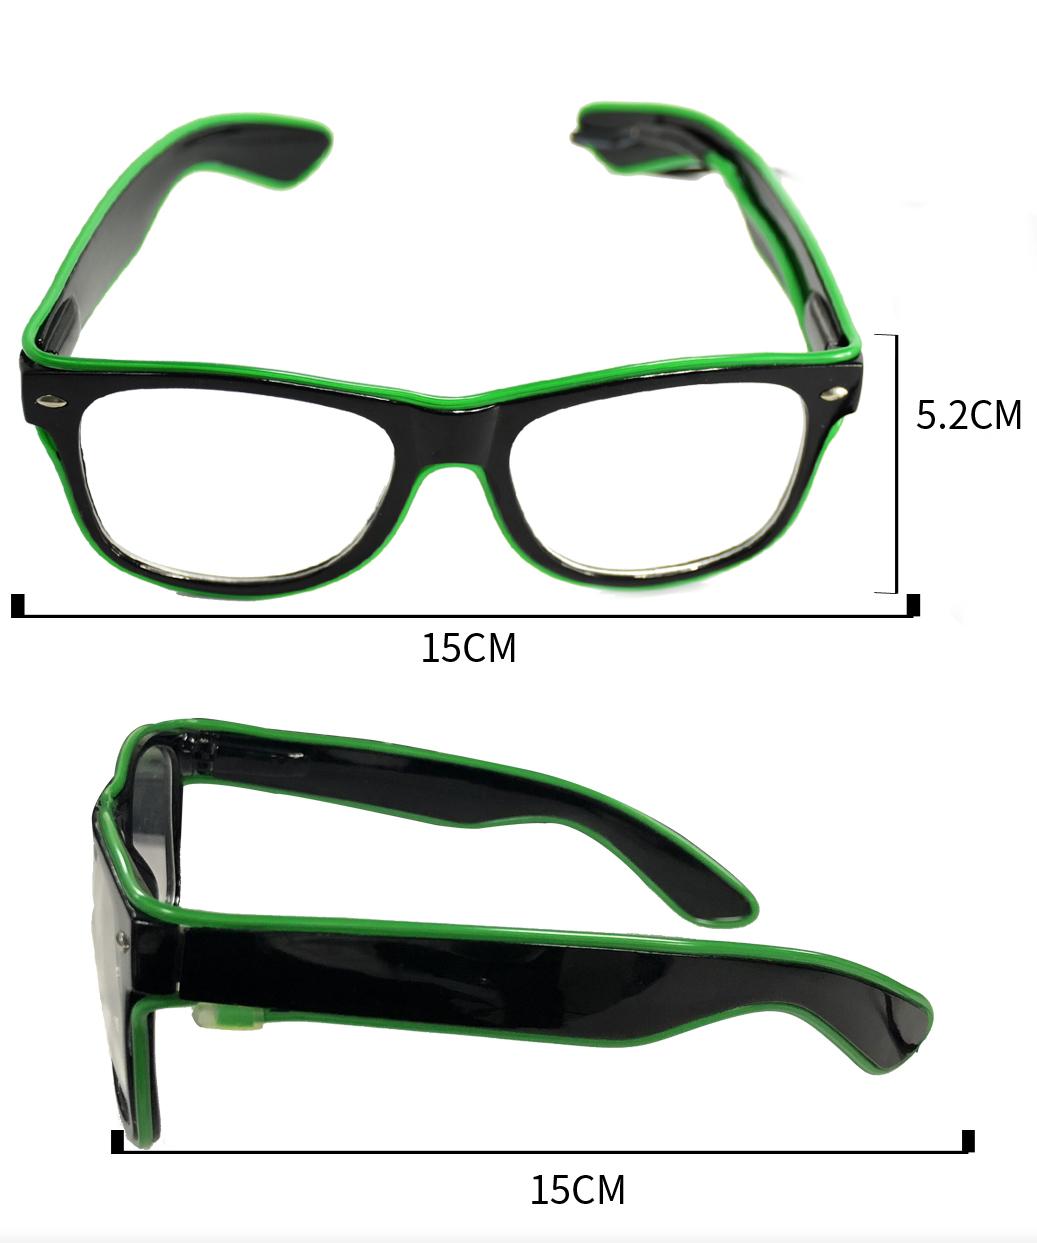 单色EL方形发光眼镜标准款_副本